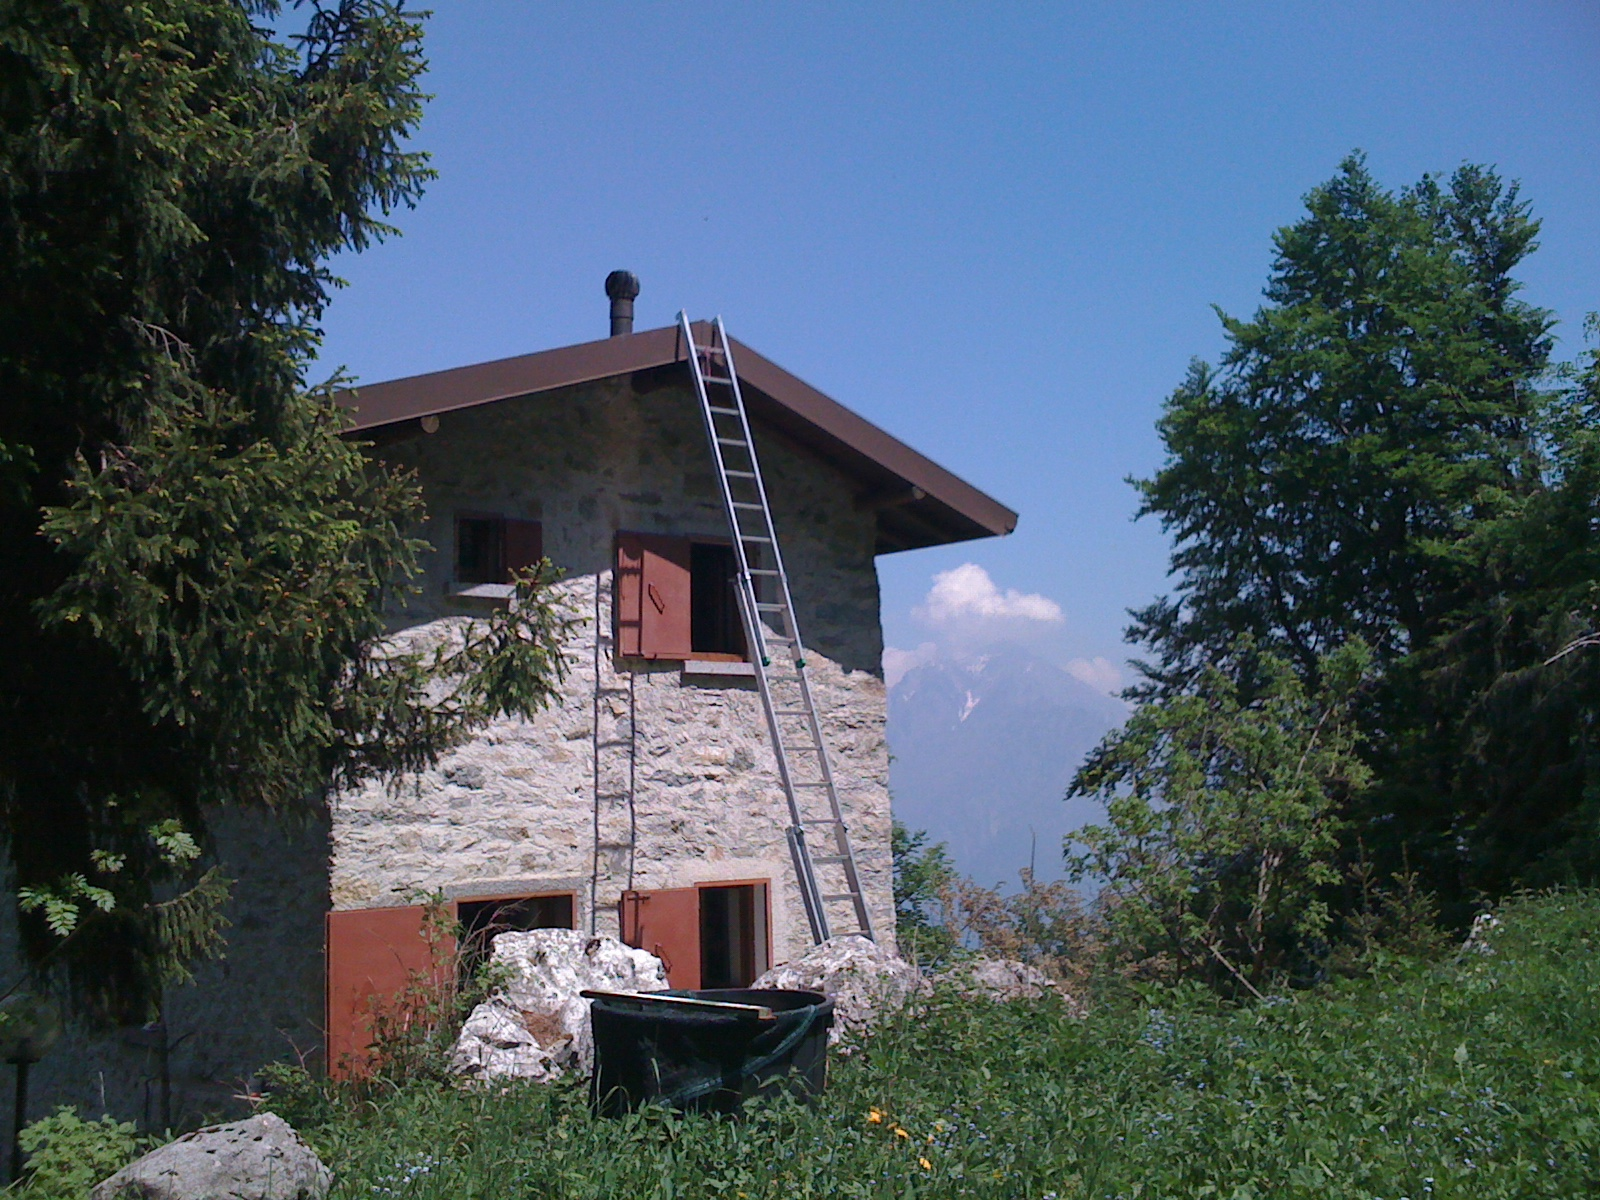 Rustico / Casale in vendita a Civenna, 2 locali, prezzo € 150.000 | CambioCasa.it